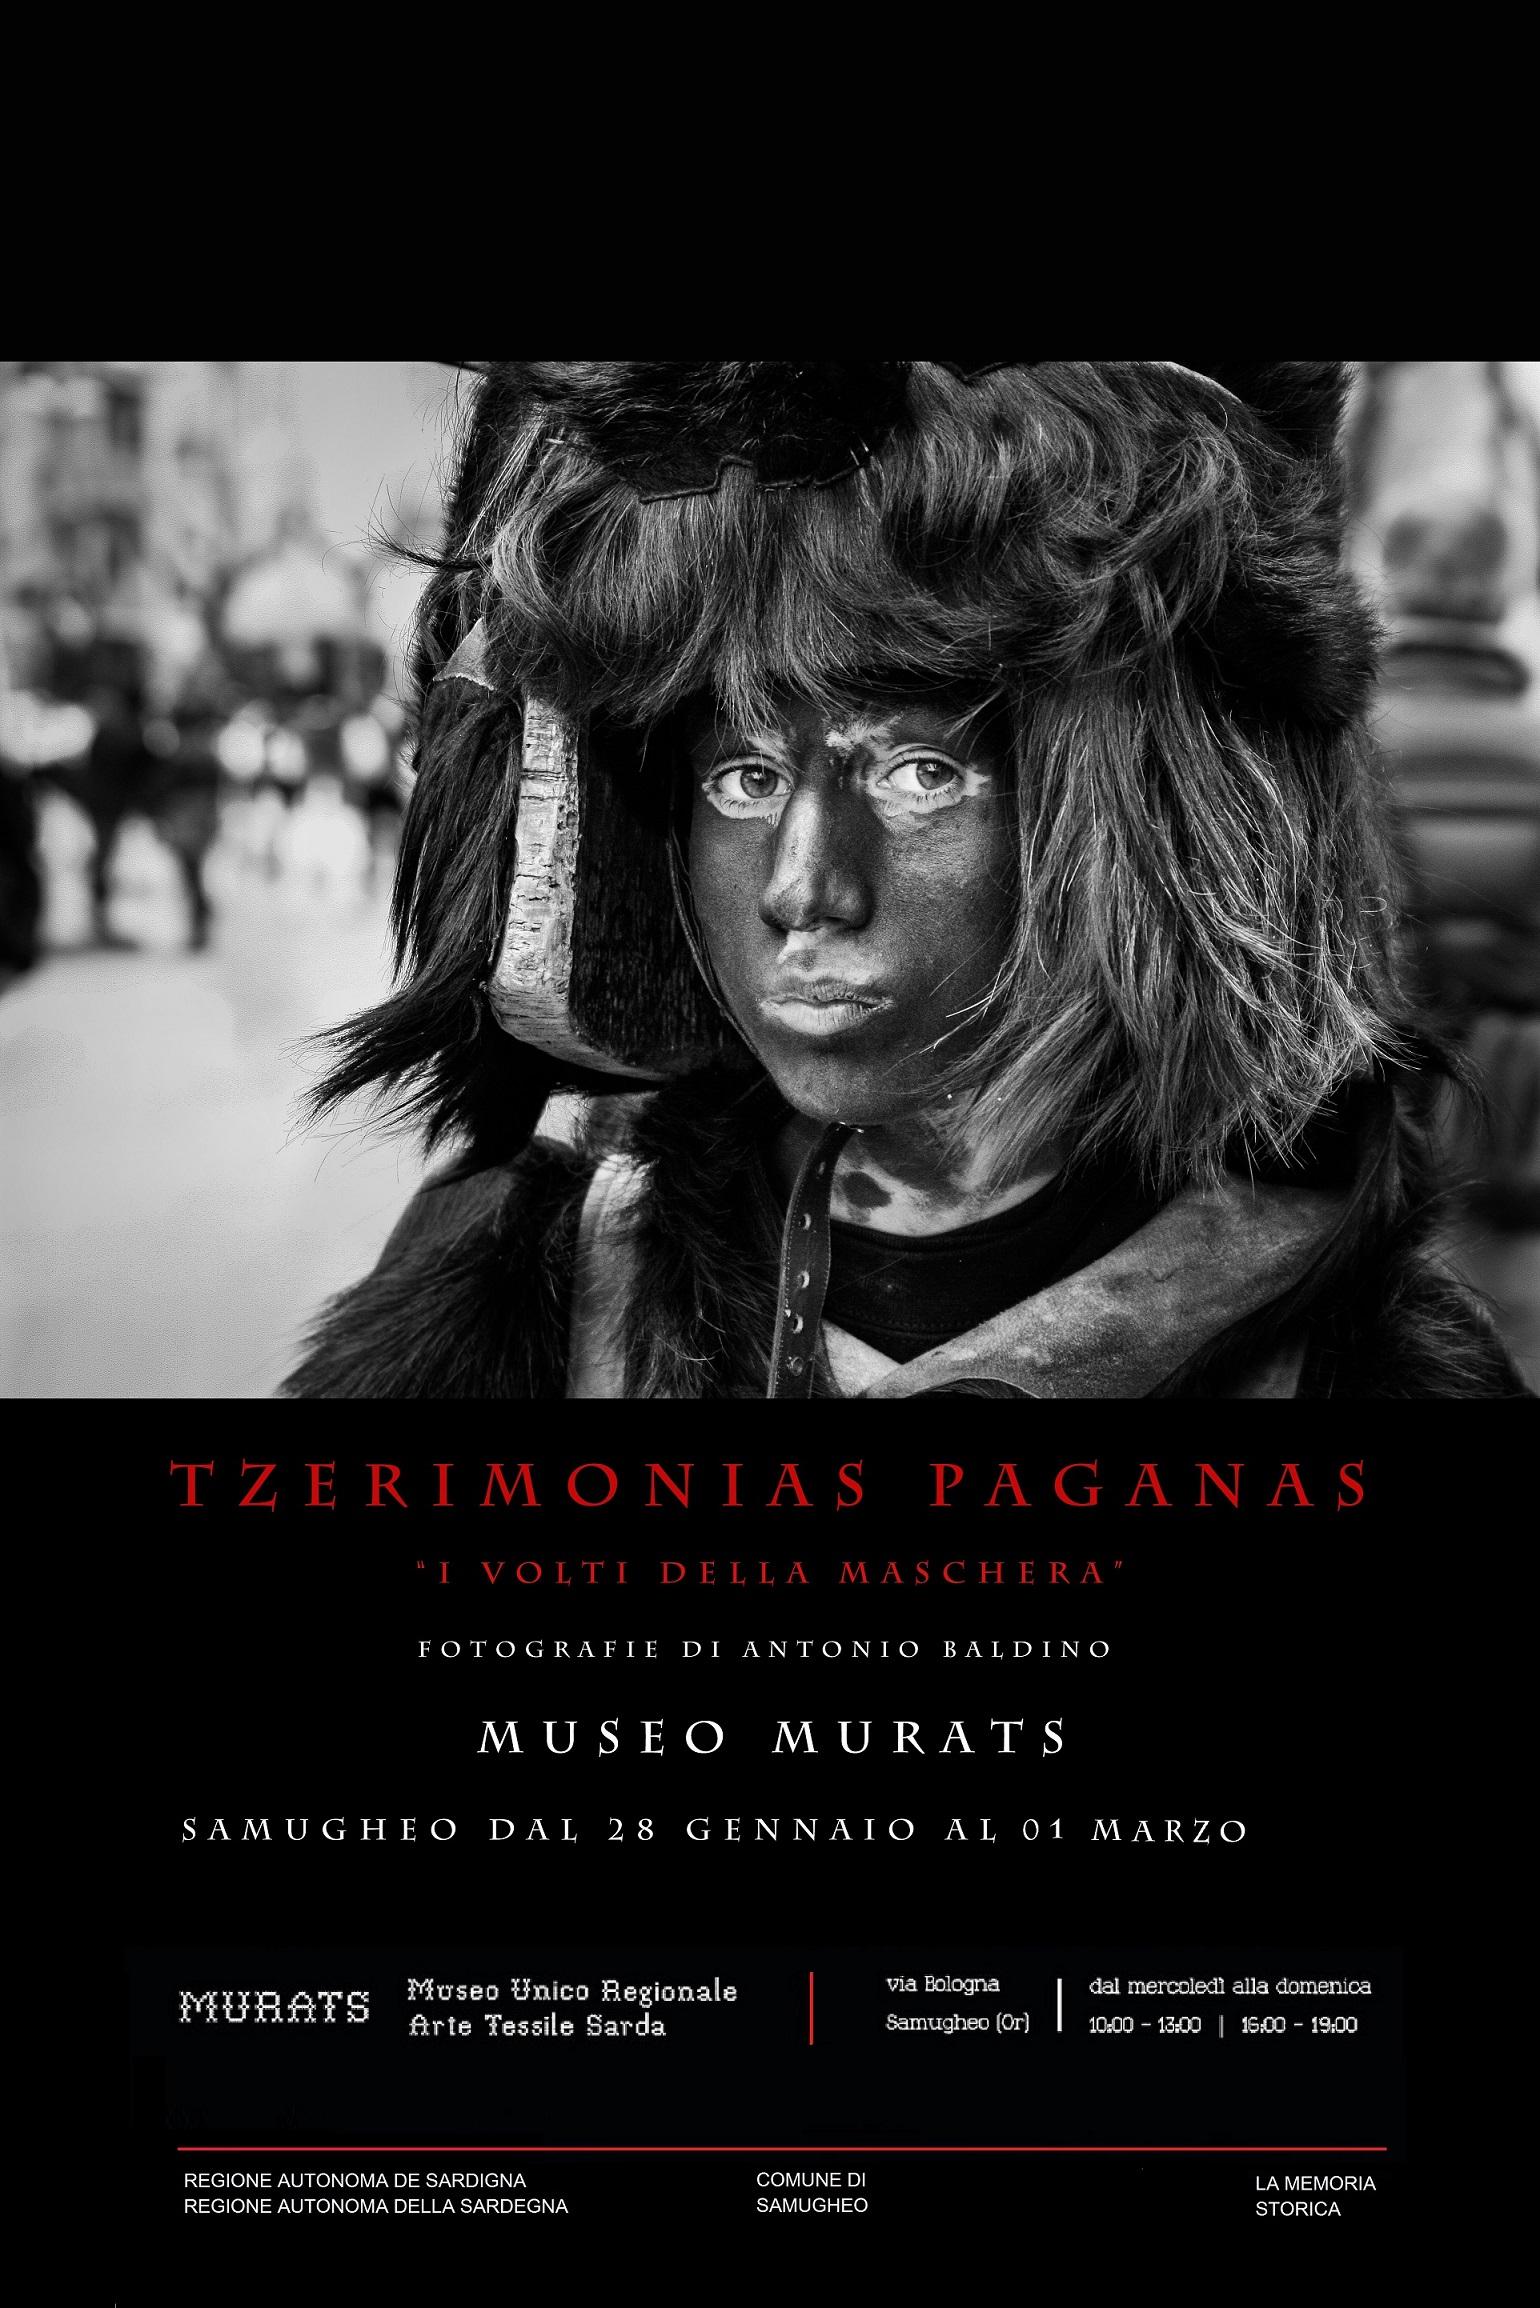 """sempre al Museo MURATS di Samugheo potete visitare fino al 1 marzo 2015 la mostra fotografica di Antonio Baldino TZERIMONIAS PAGANAS """"I volti della Maschera"""""""